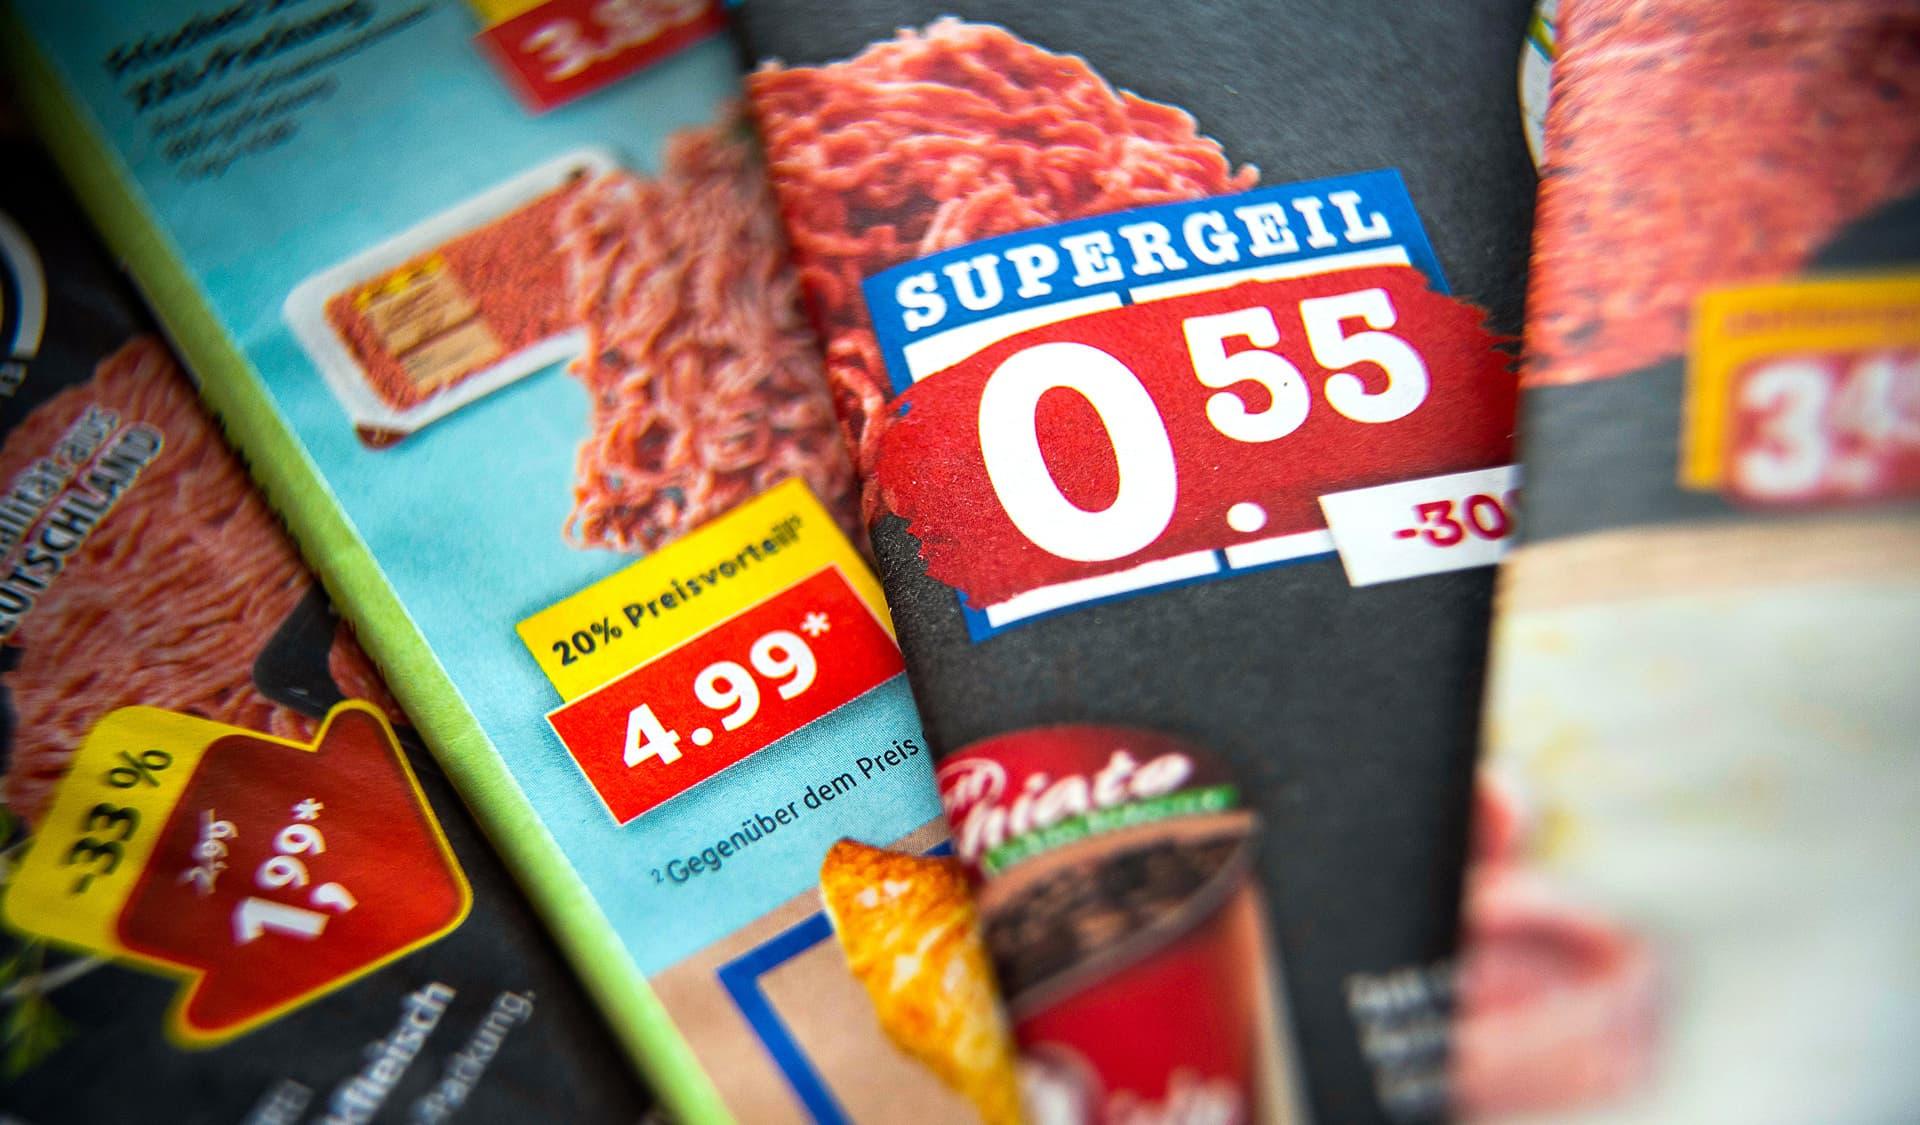 Bunte Prospekte mit Billigpreisen für Lebensmittel